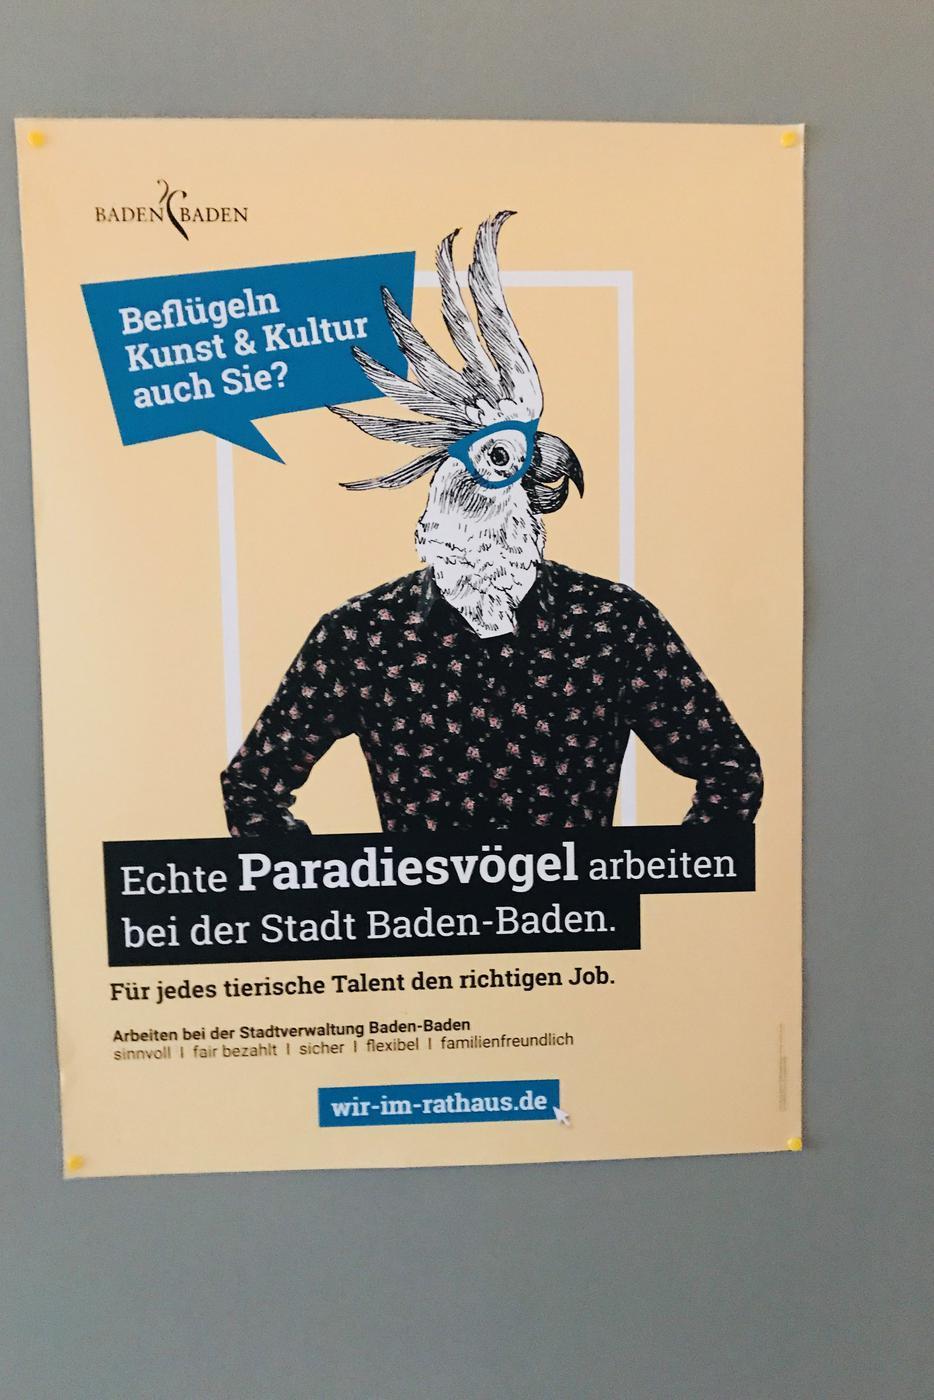 Plakat zur Arbeitgeber-Marke der Stadt Baden-Baden